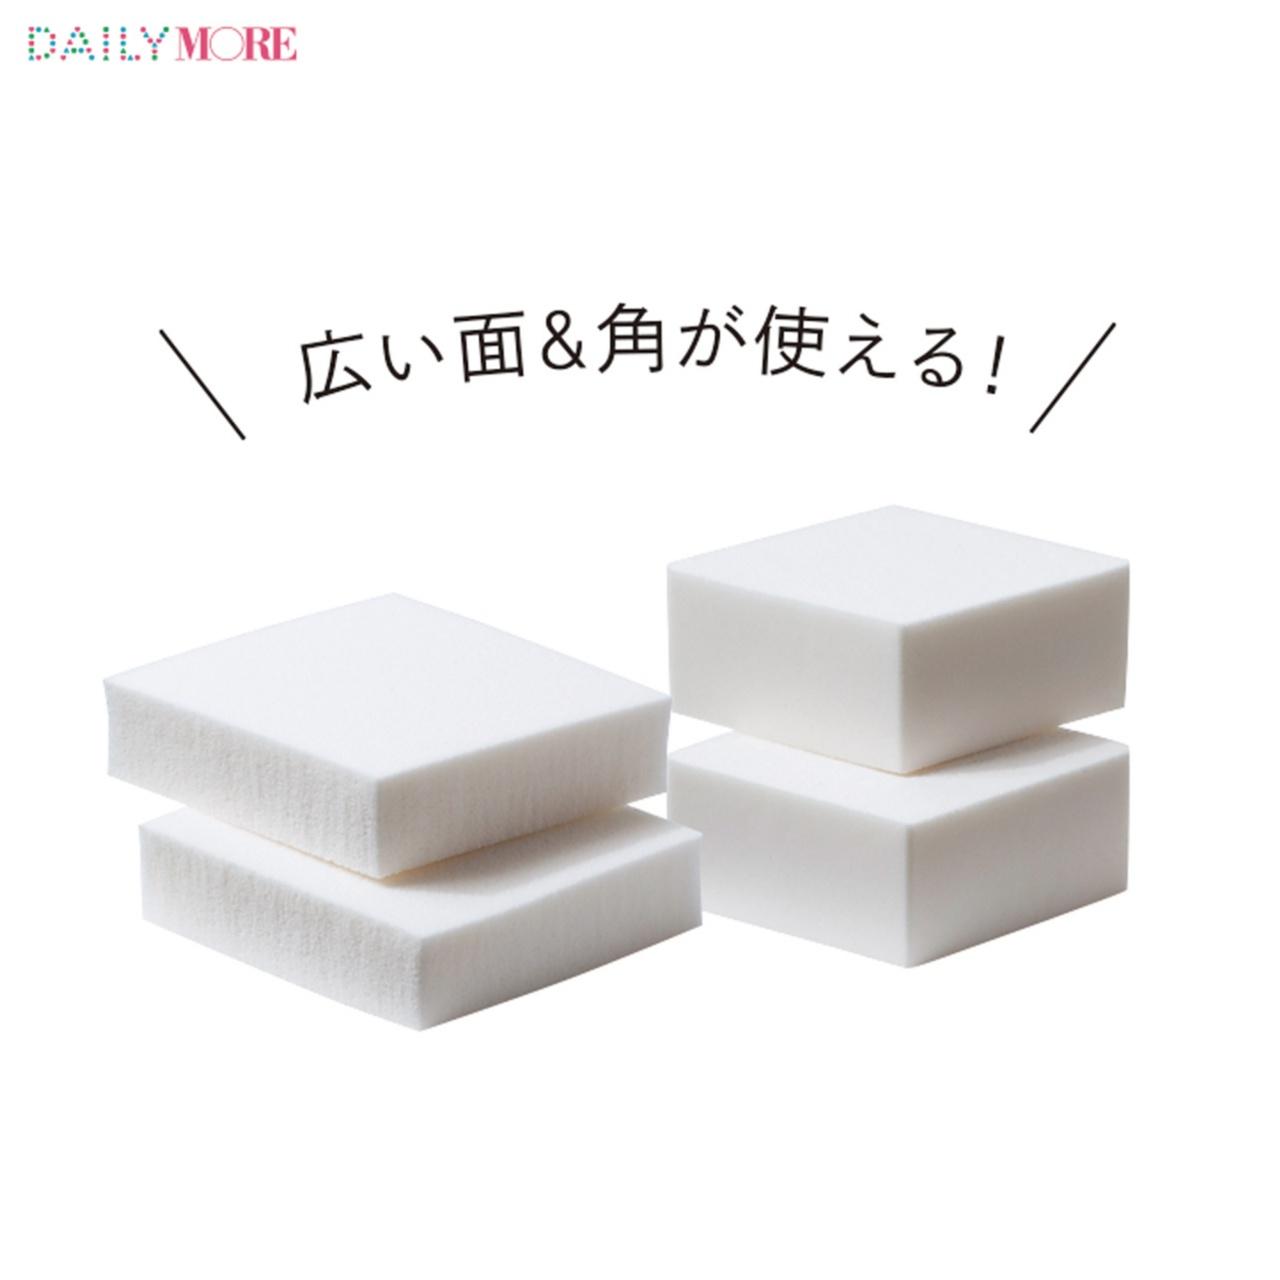 モデルみたいな美肌に! 人気ヘアメイク・川添カユミさんが教える「おしゃれ肌の極意」Q&A_3